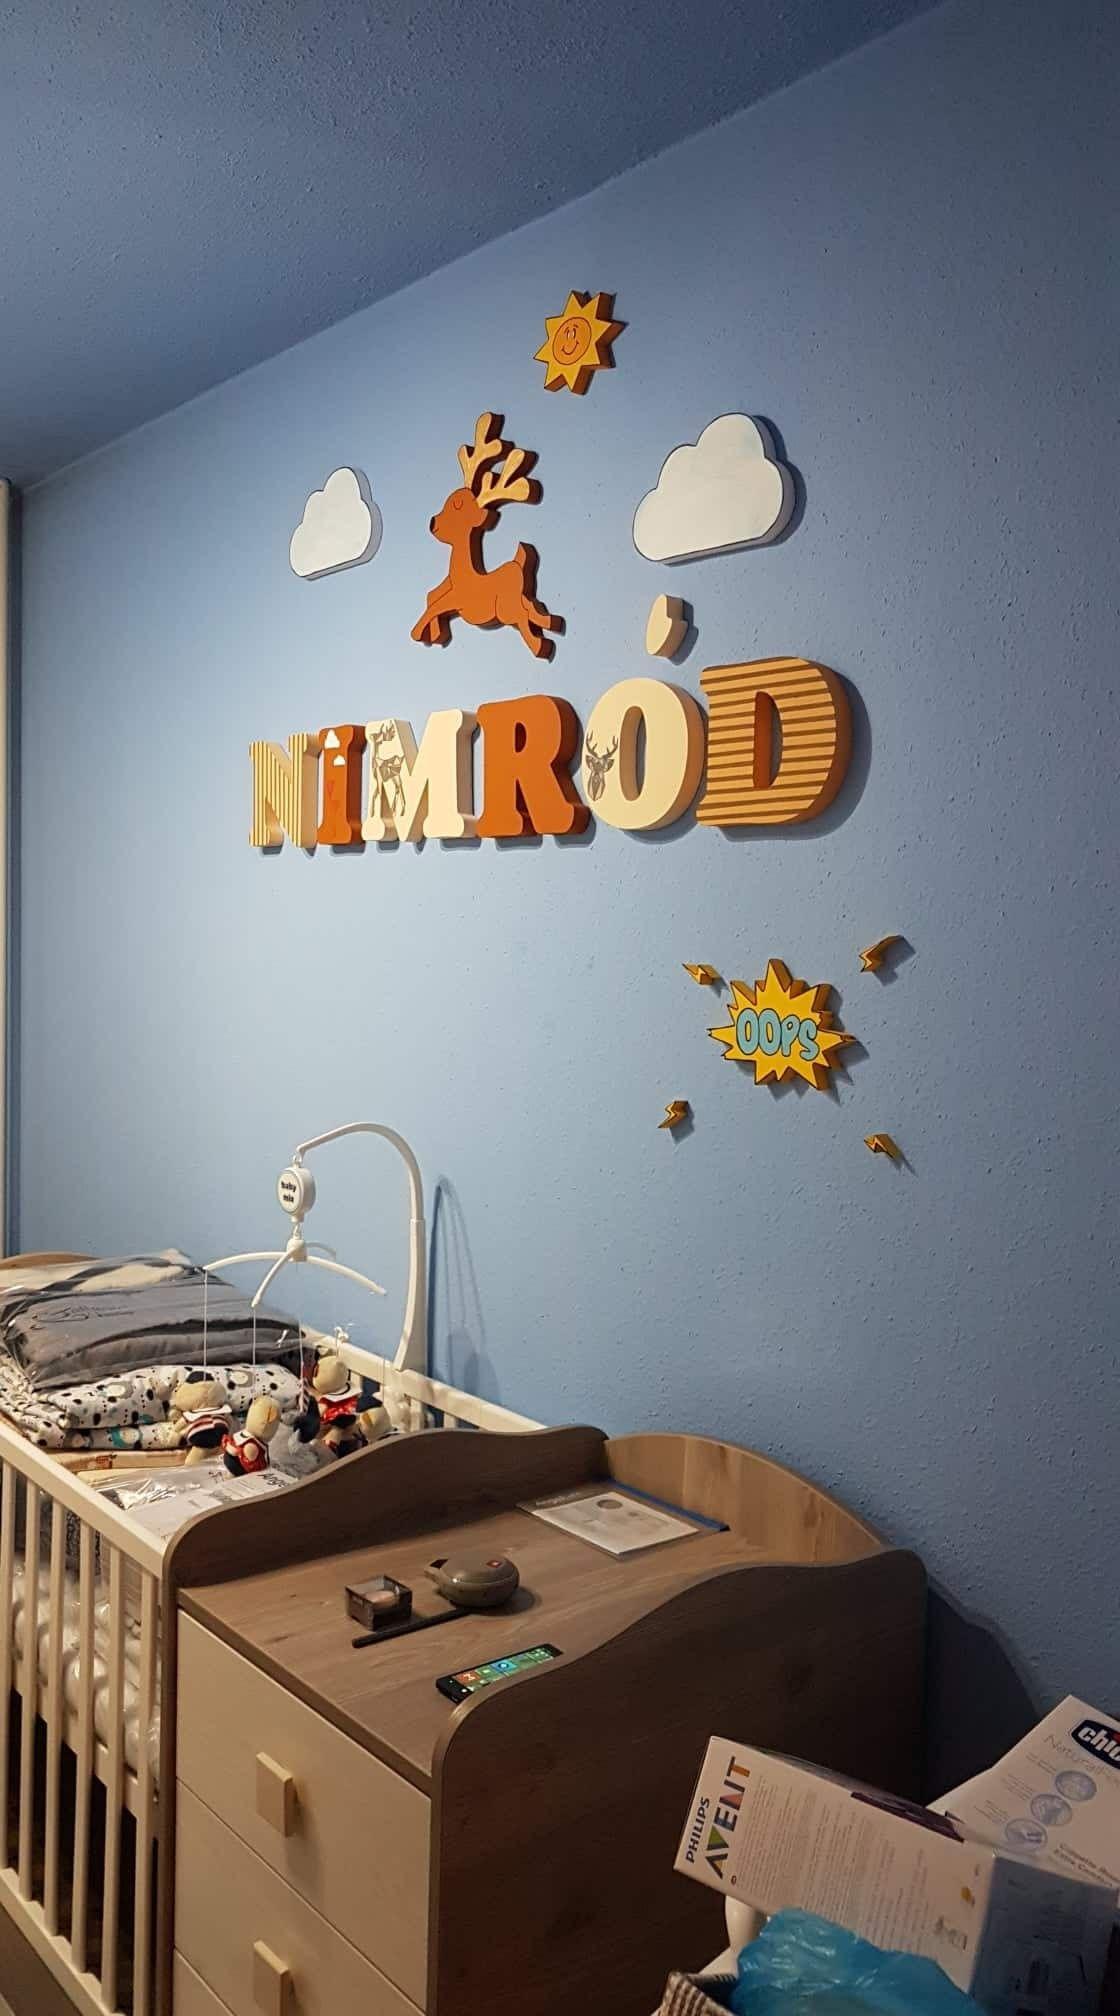 8ecc59ed01 babaszoba dekoráció,gyerekszoba dekoráció,felirat,falmatrica,Nimród,szarvas